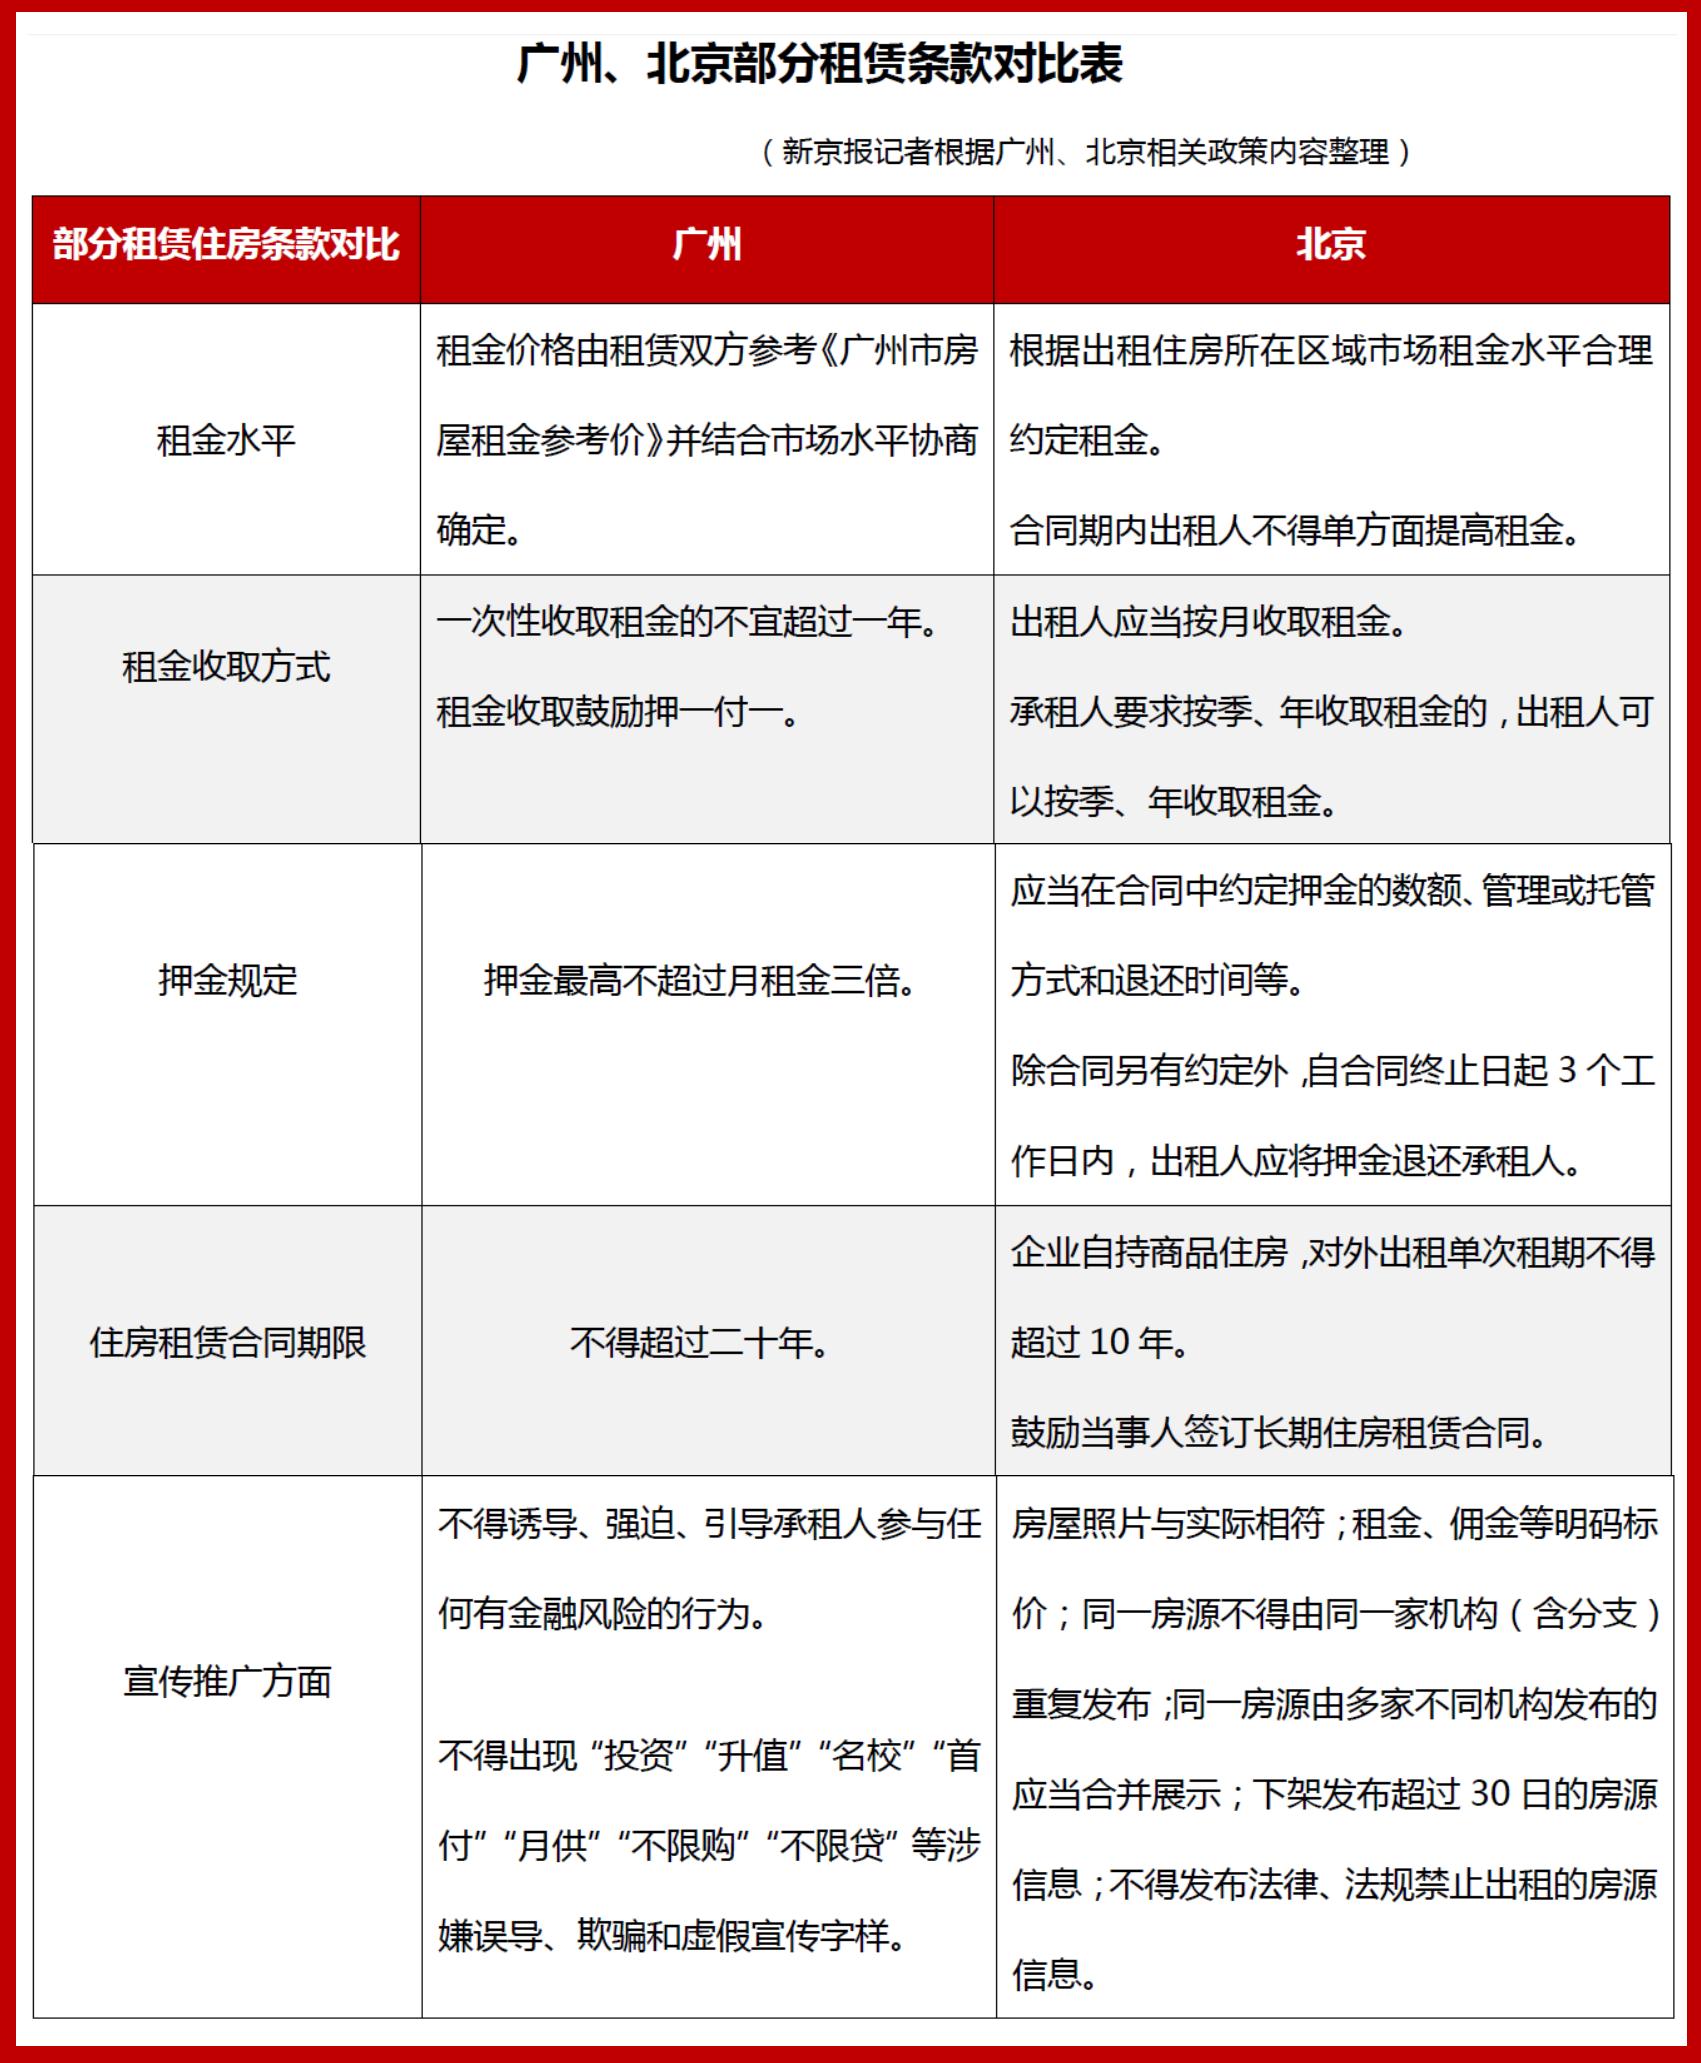 """一线城市规范住房租赁市场 广州严堵 """"明租实售""""漏洞-中国网地产"""